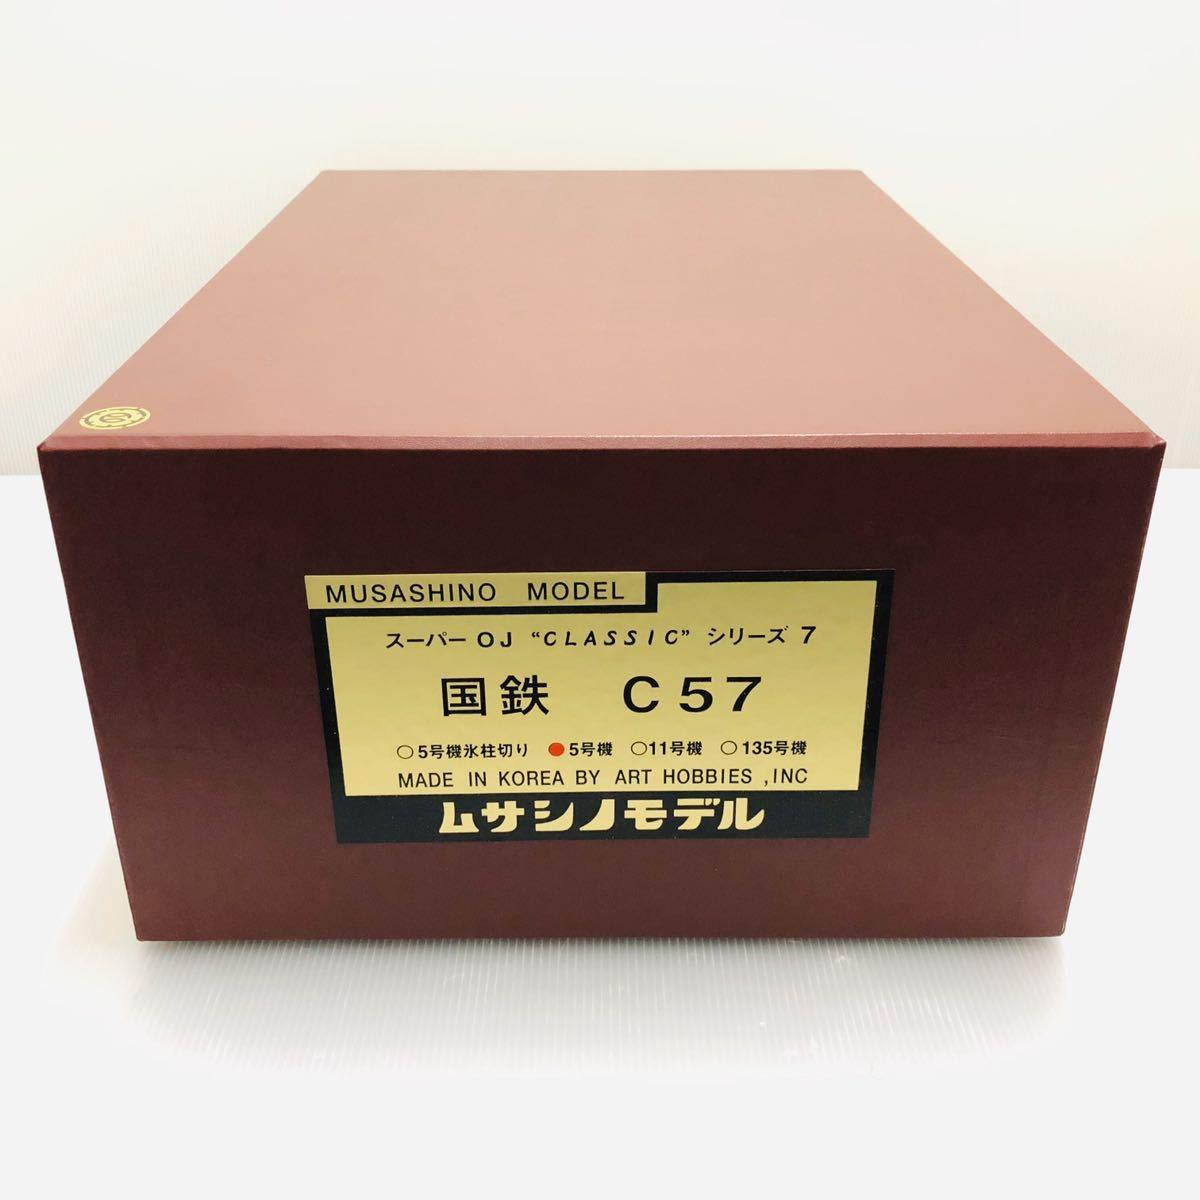 """スーパーOJ / """"CLASSIC"""" シリーズ 7 / 国鉄 C57 *5号機 / MUSASHINO MODEL ムサシノモ"""